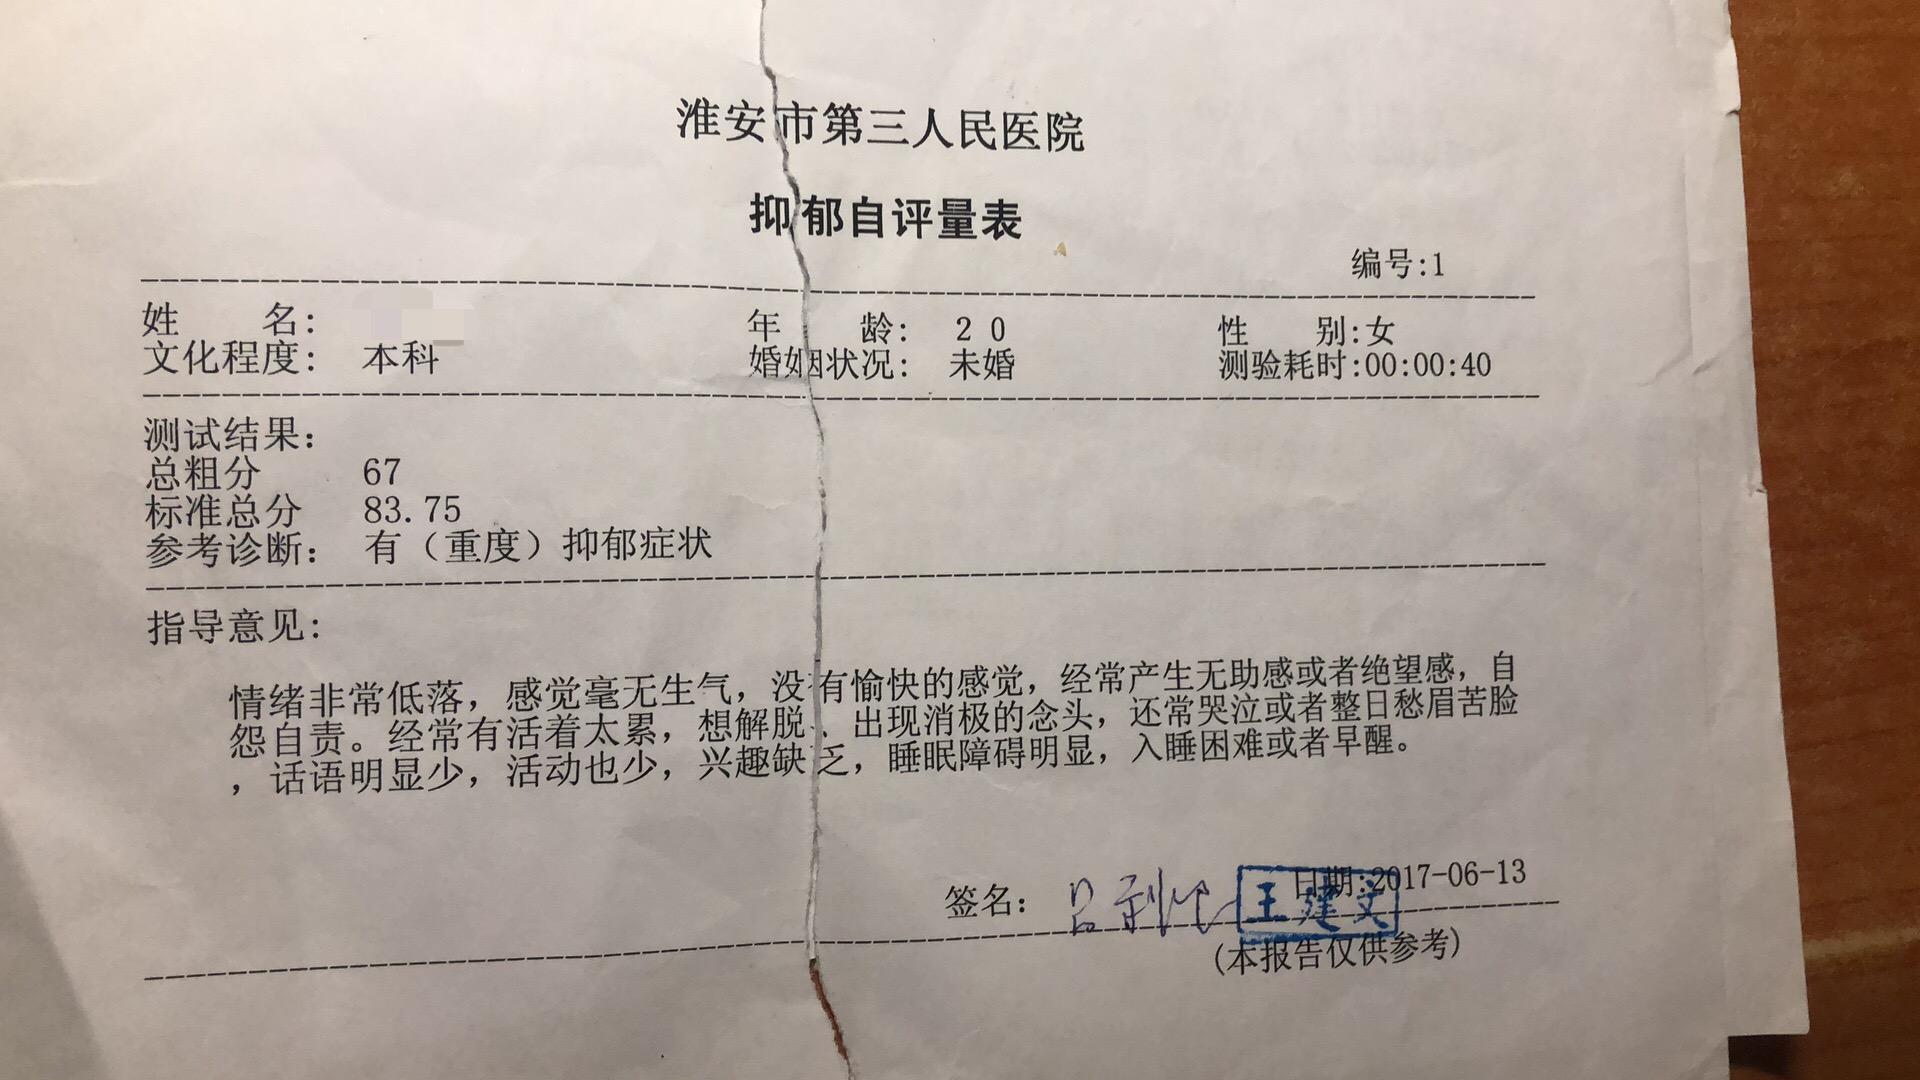 江苏一高校副校长被举报出轨学生 并致其怀孕流产